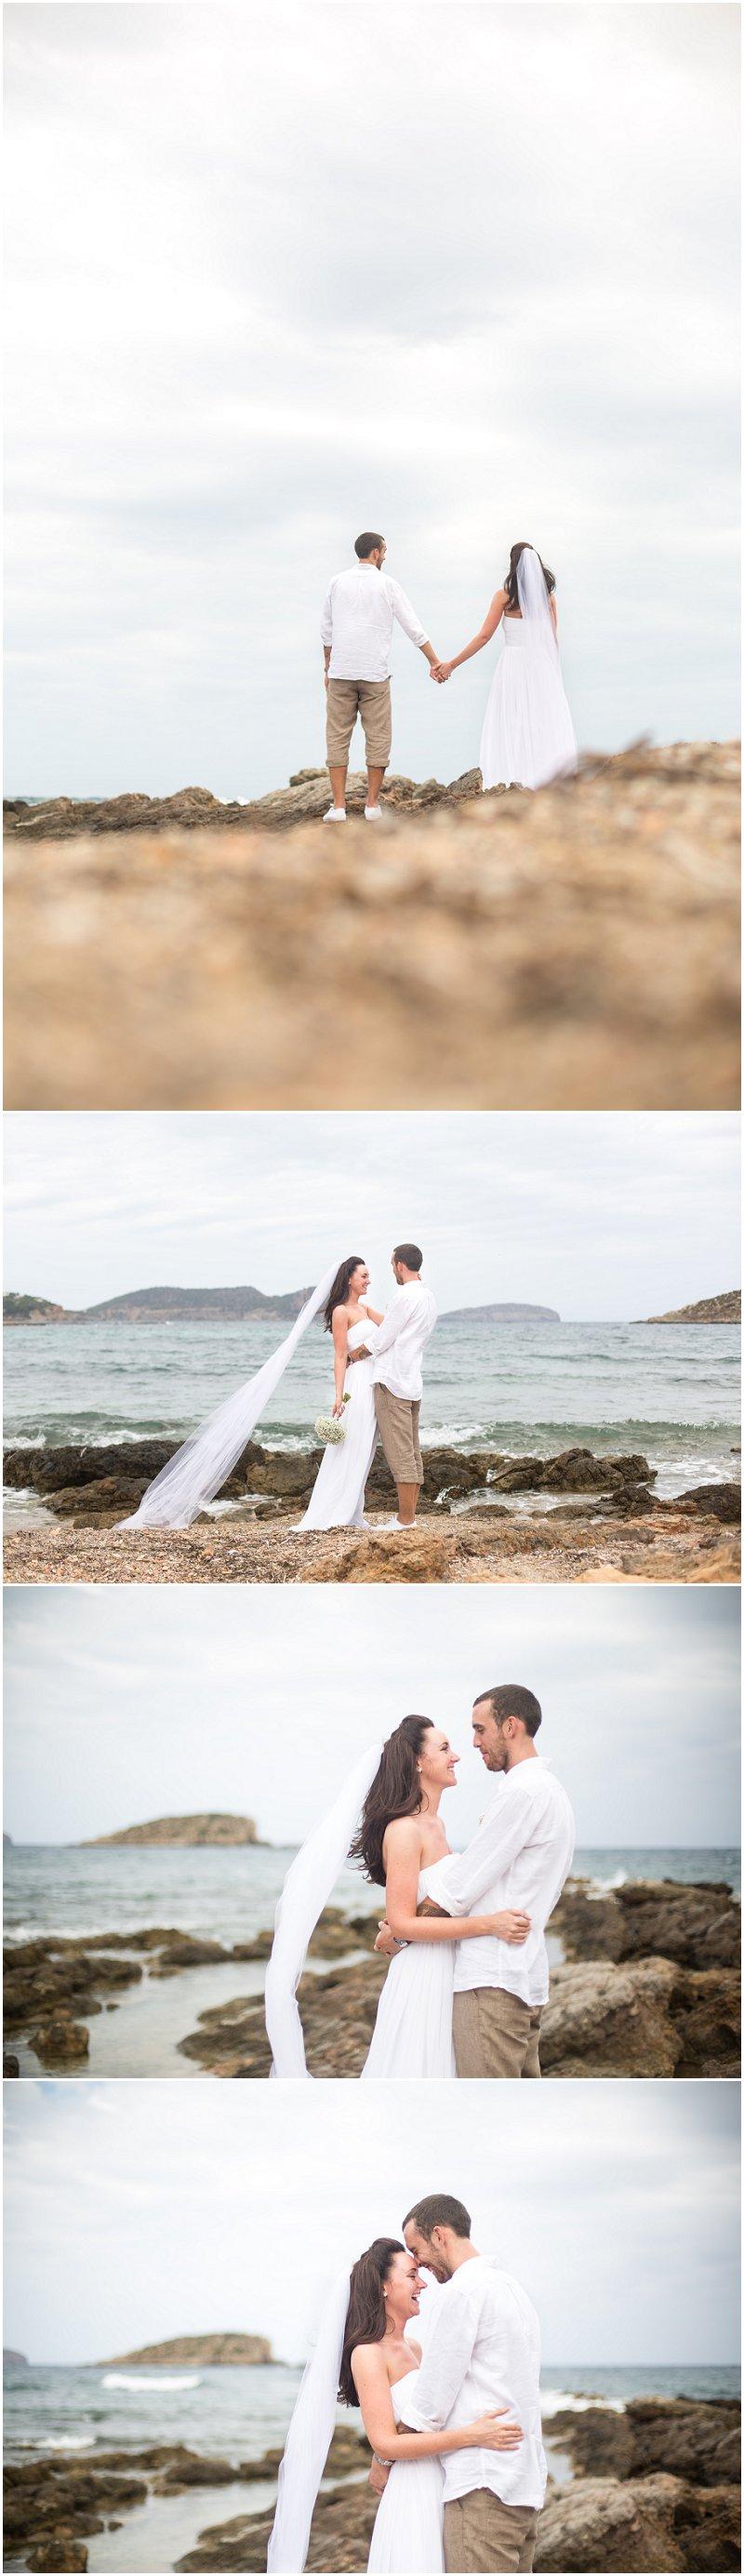 Wedding Photography Bride and Groom on Ibiza Beach, Jacaranda